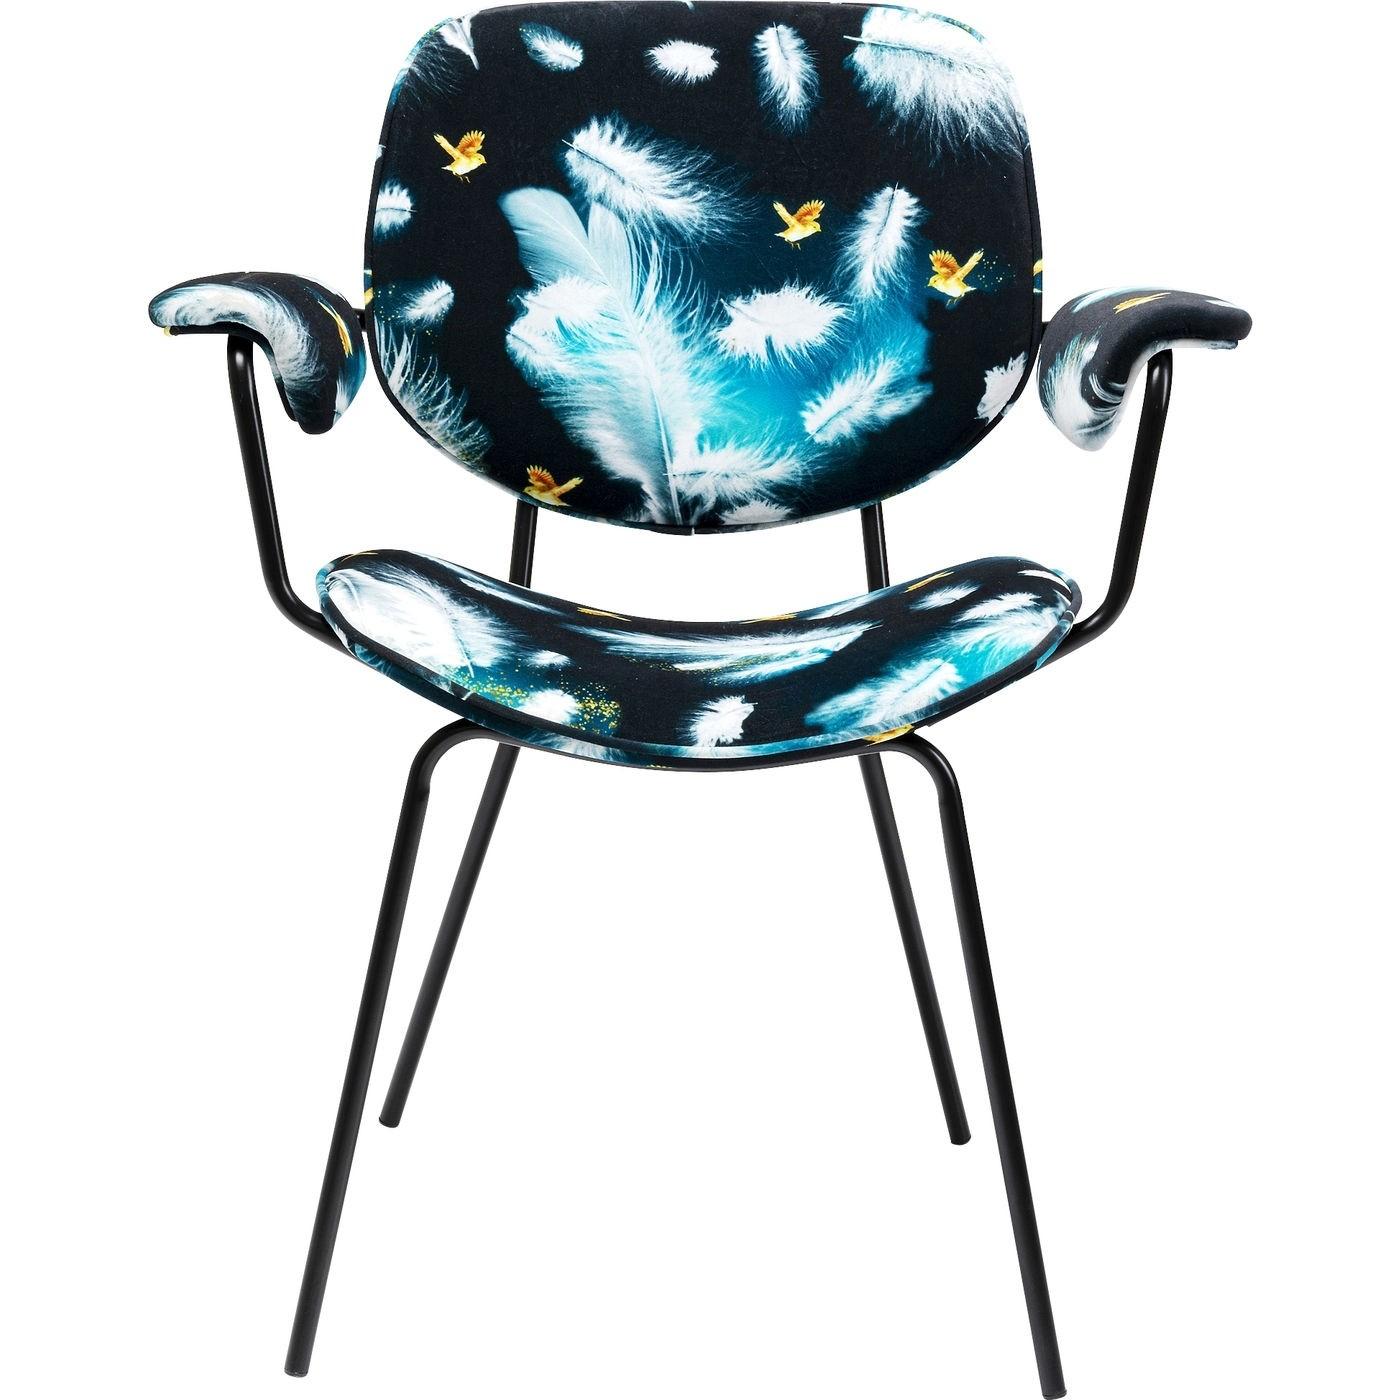 KARE DESIGN Pluto spisebordsstol, m. armlæn - multifarvet fløjl look, m. sort stålstel